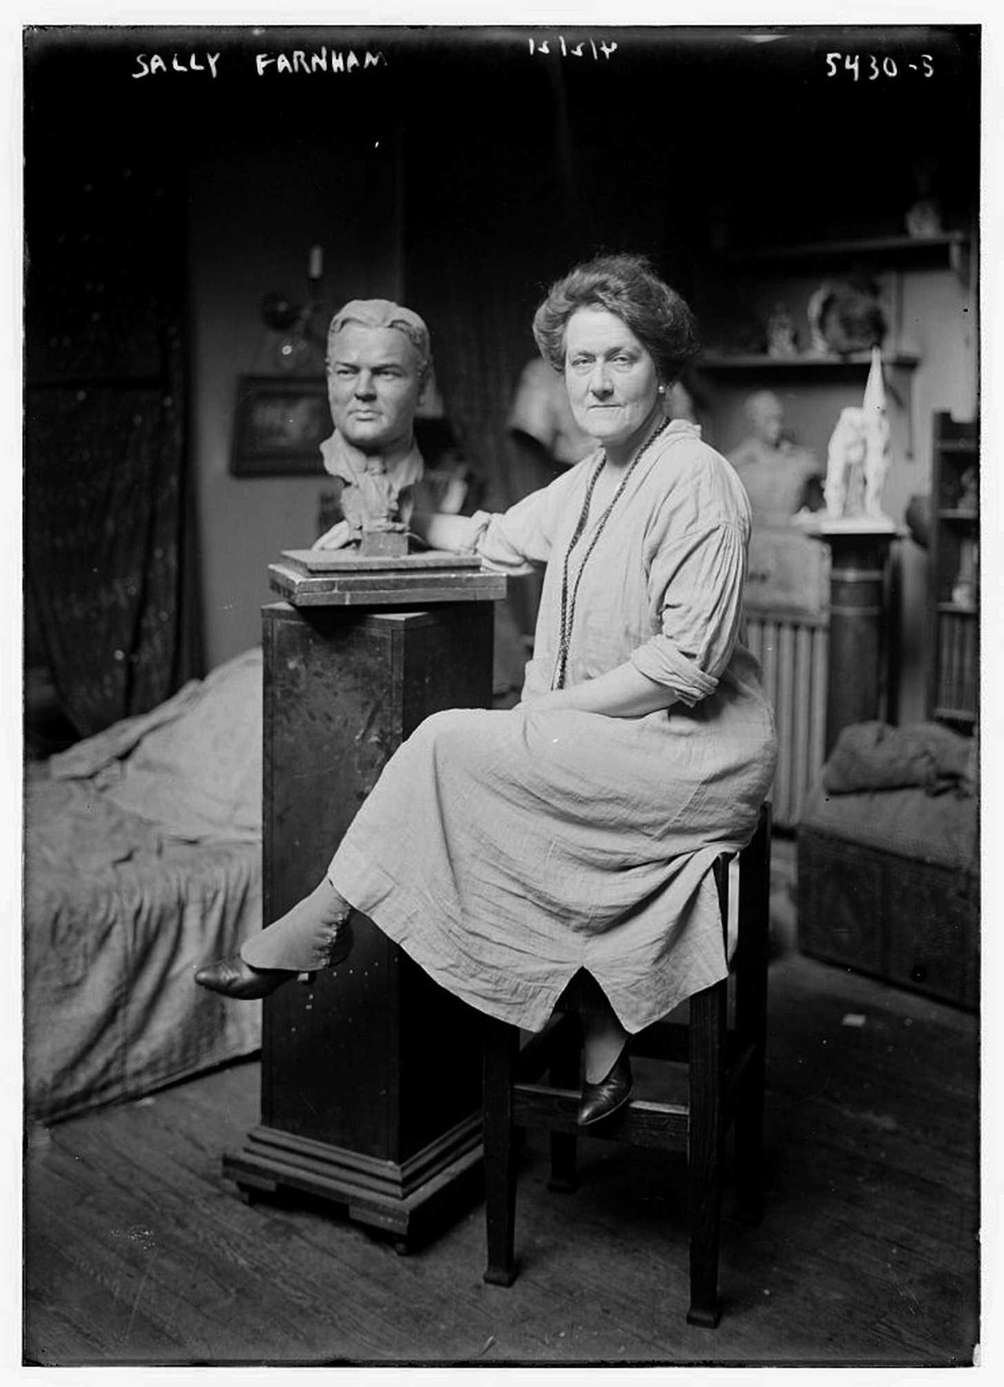 Sally James Farnham (1869-1943) was a sculptor who